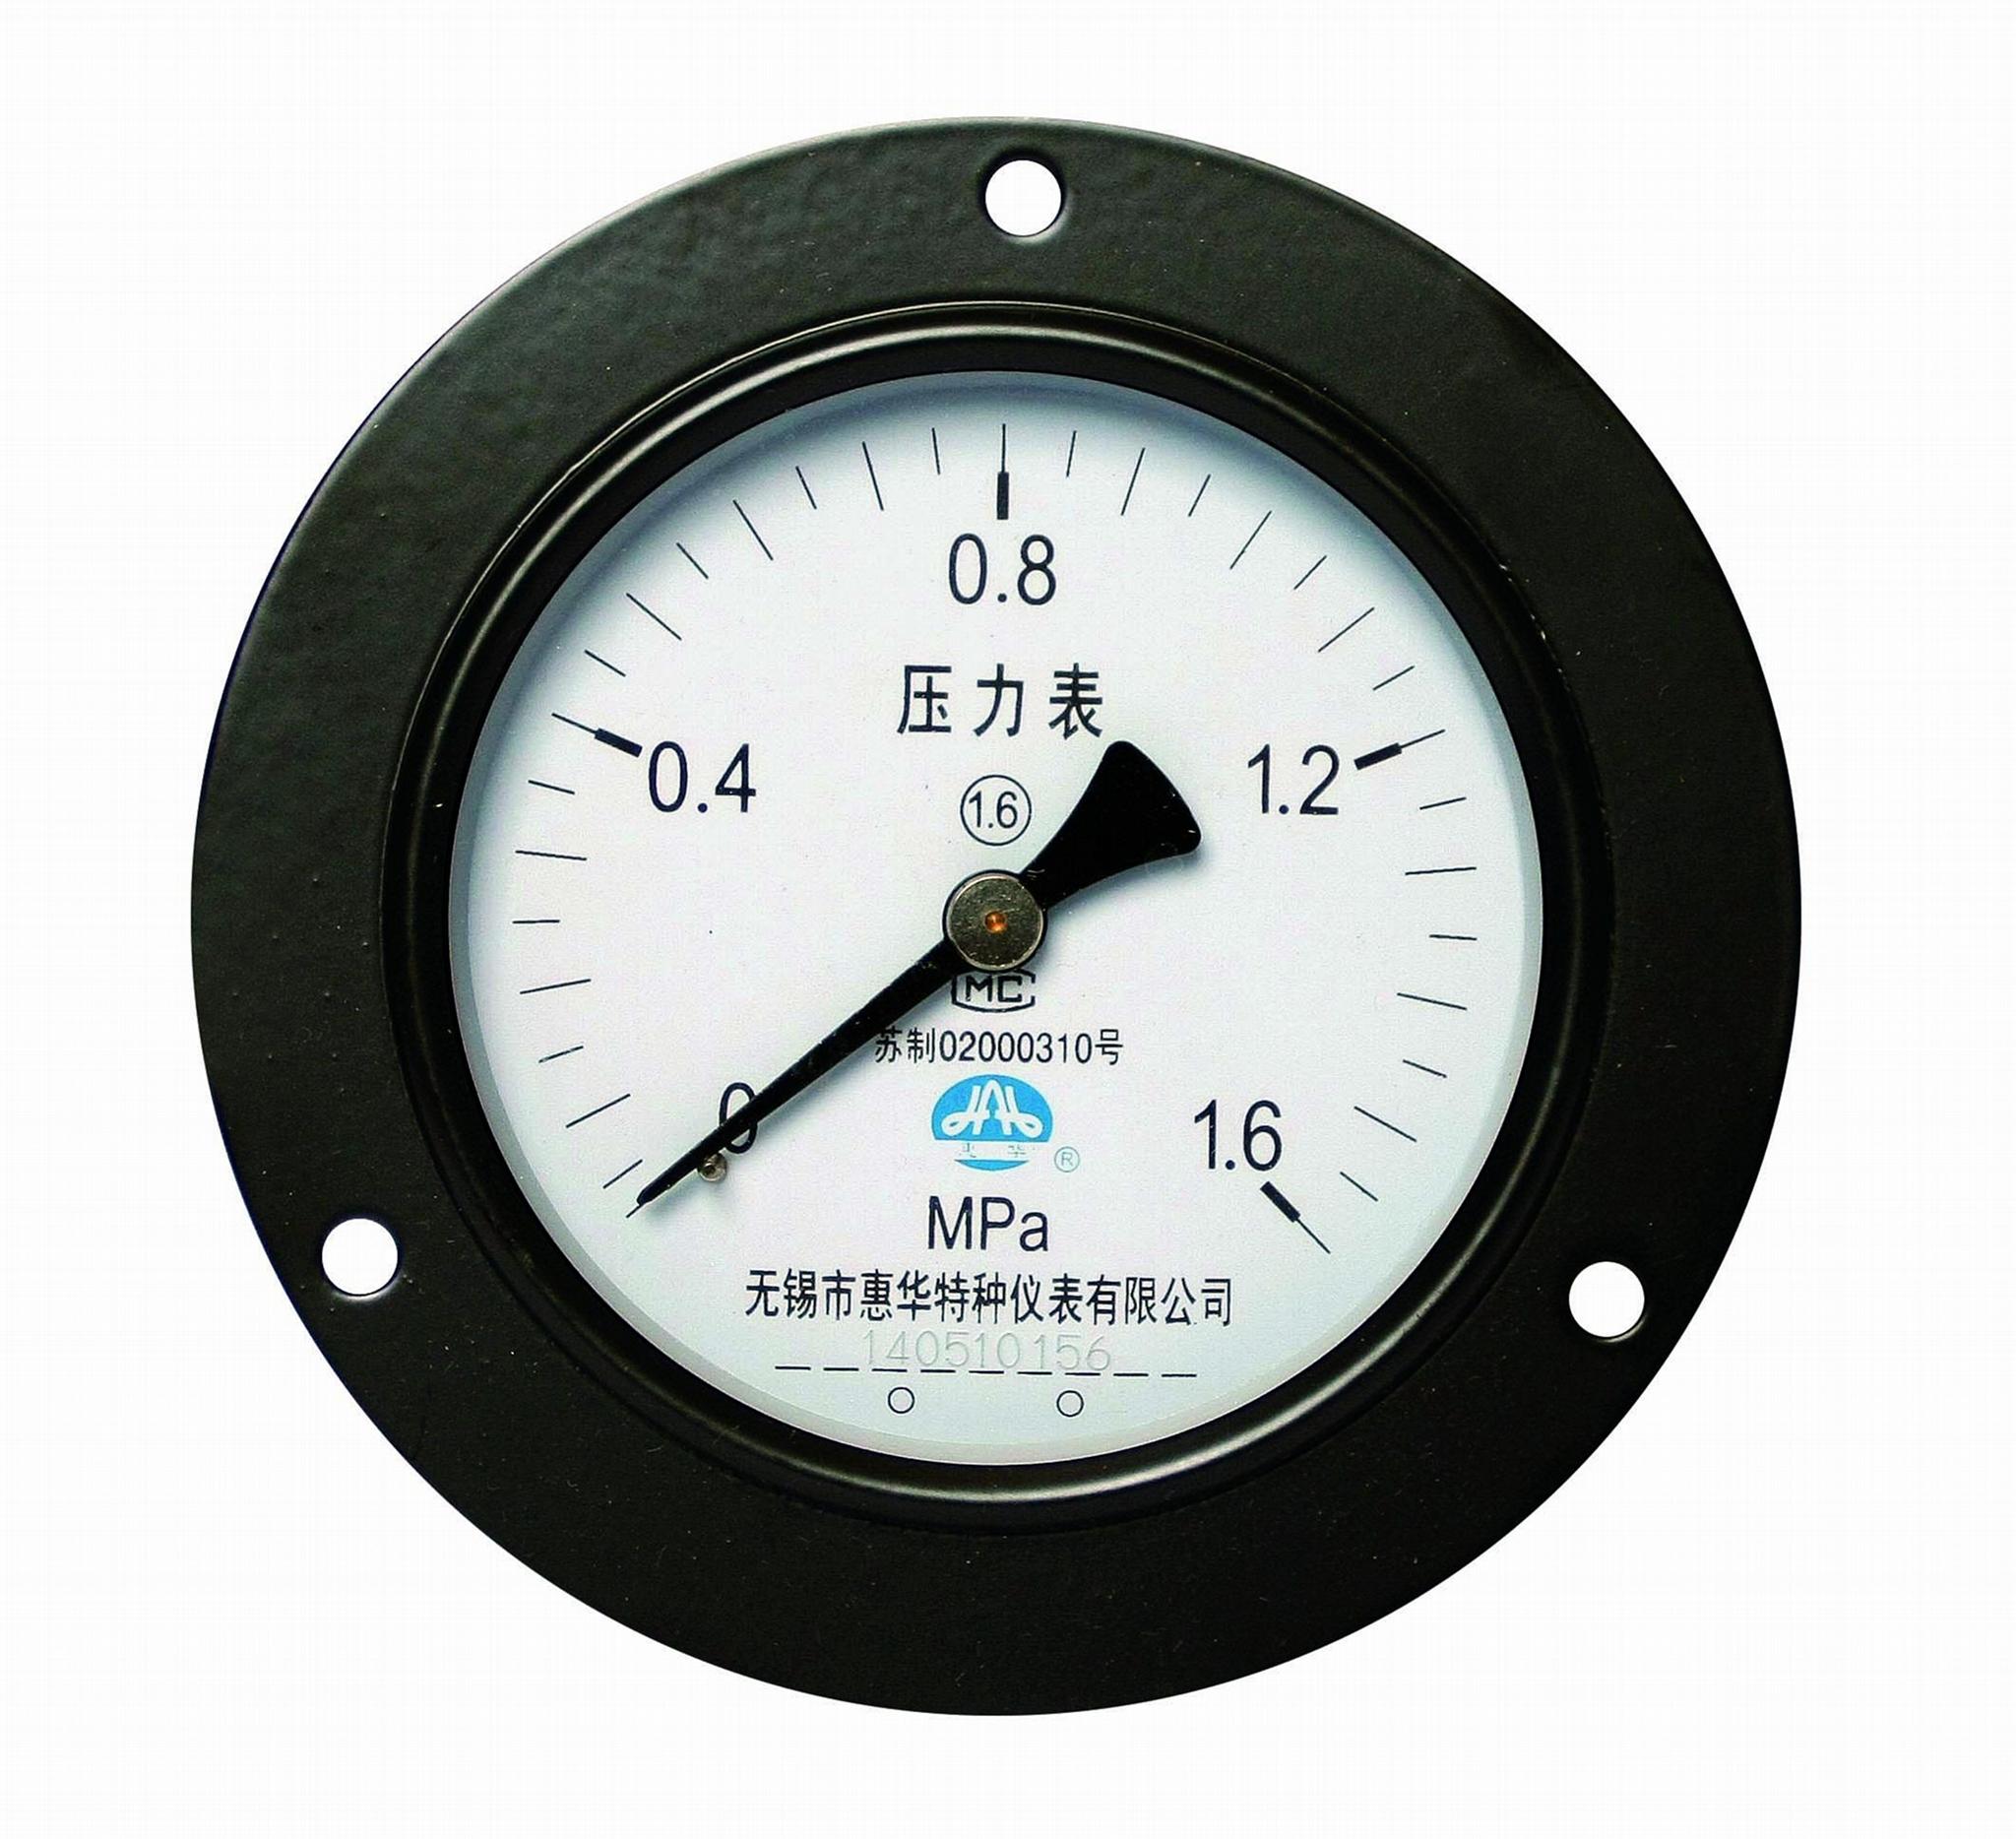 壓力表 一般壓力表 真空壓力表 彈簧管壓力表 7